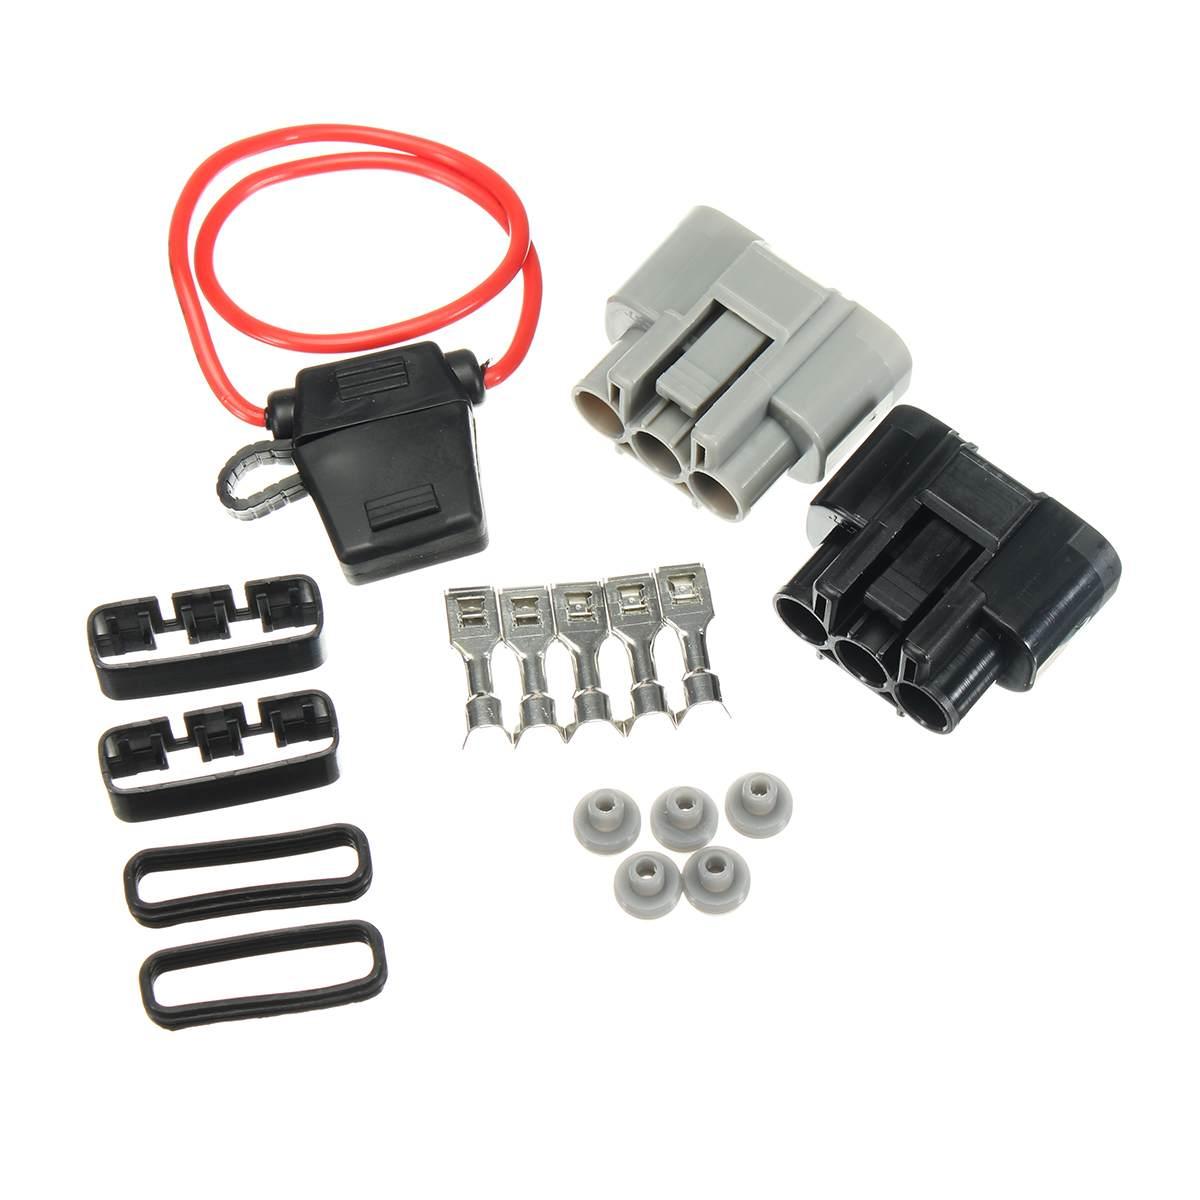 Regulator Rectifier Upgrade Kit Ersetzt FH012AA For Shindengen Mosfet FH020AA